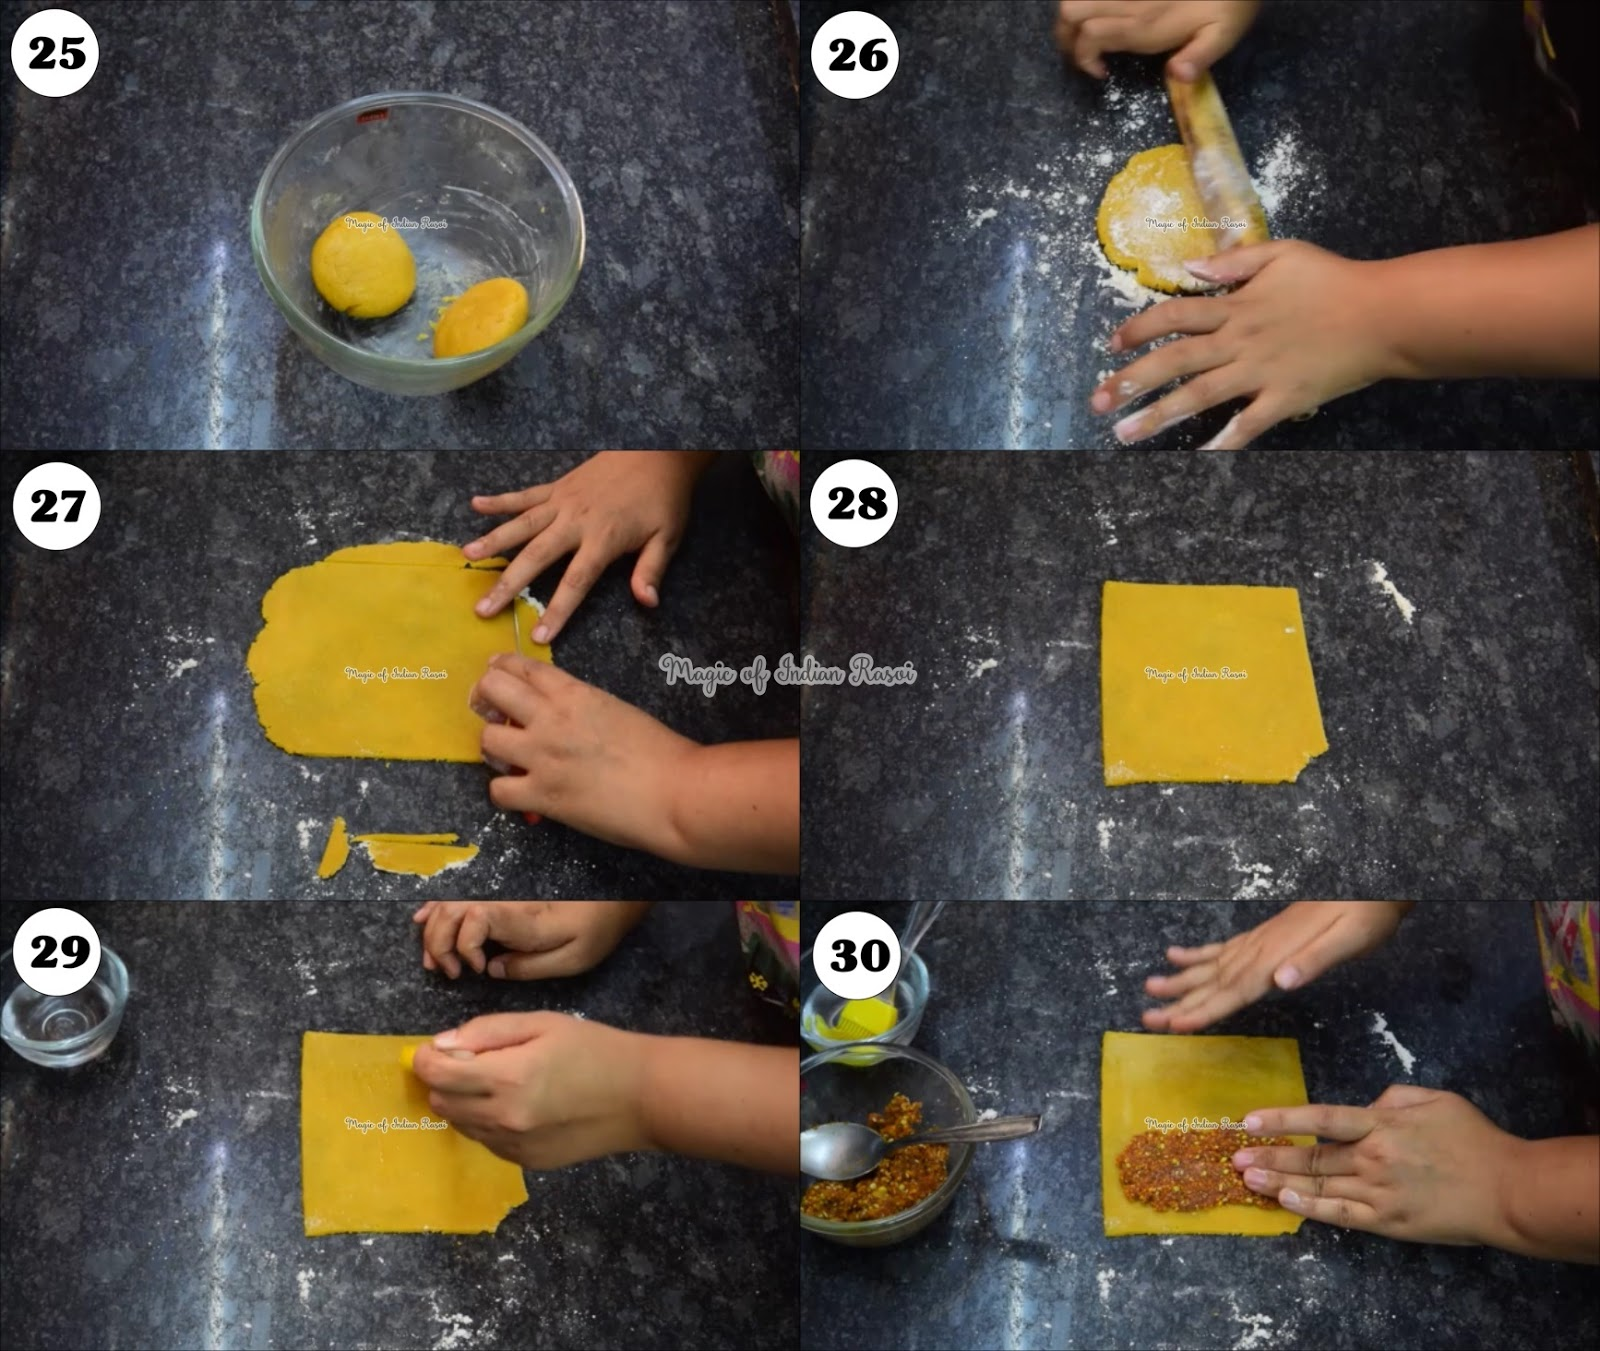 Soft Bhakarwadi (Baroda Style) Recipe - सॉफ्ट भाकरवड़ी (बड़ोदा स्टाइल) रेसिपी - Priya R - Magic of Indian Rasoi